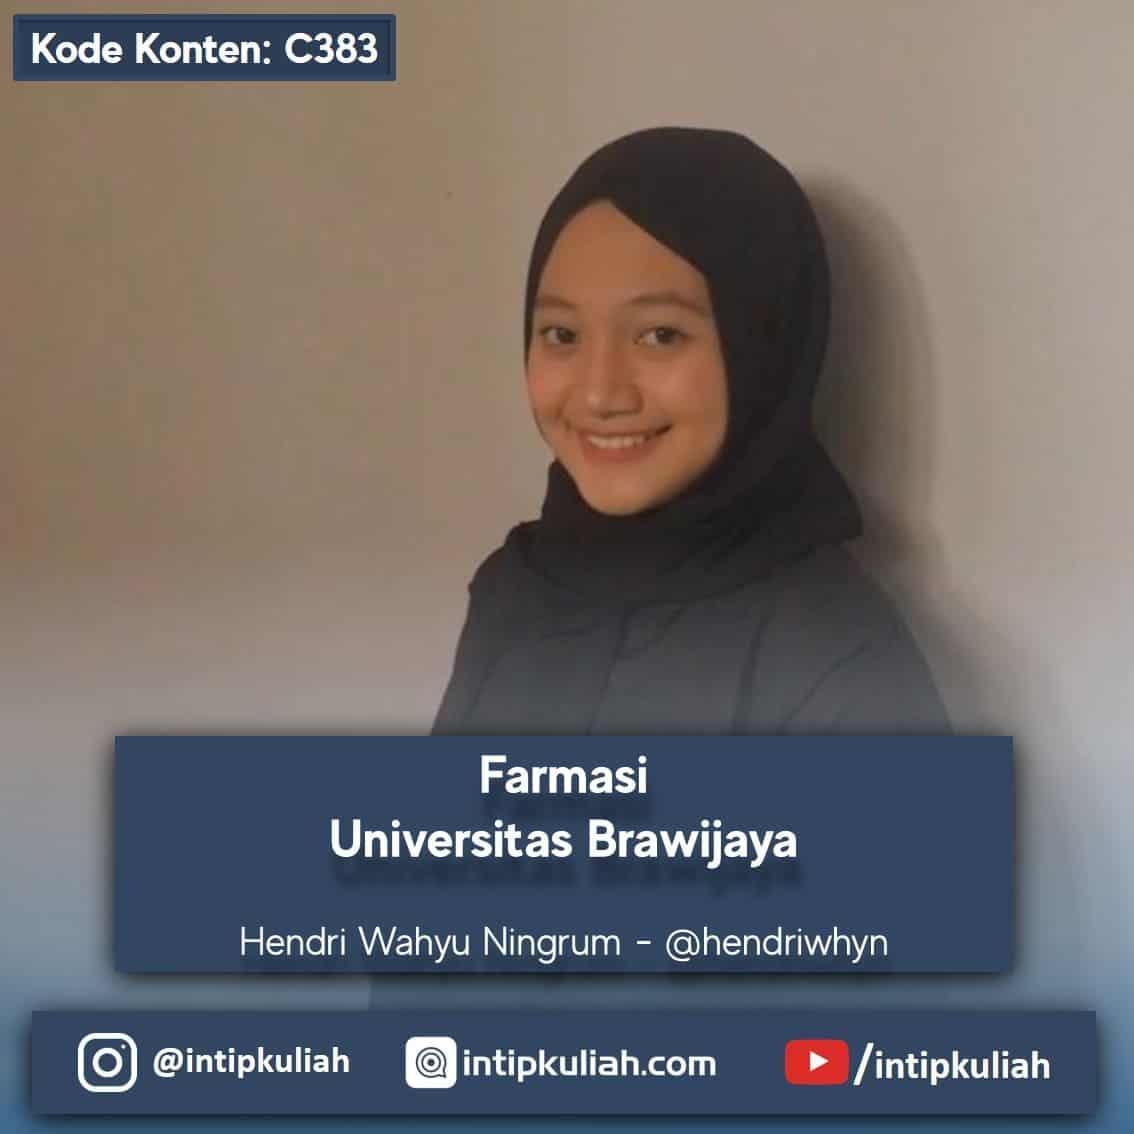 Farmasi Universitas Brawijaya (Hendri)